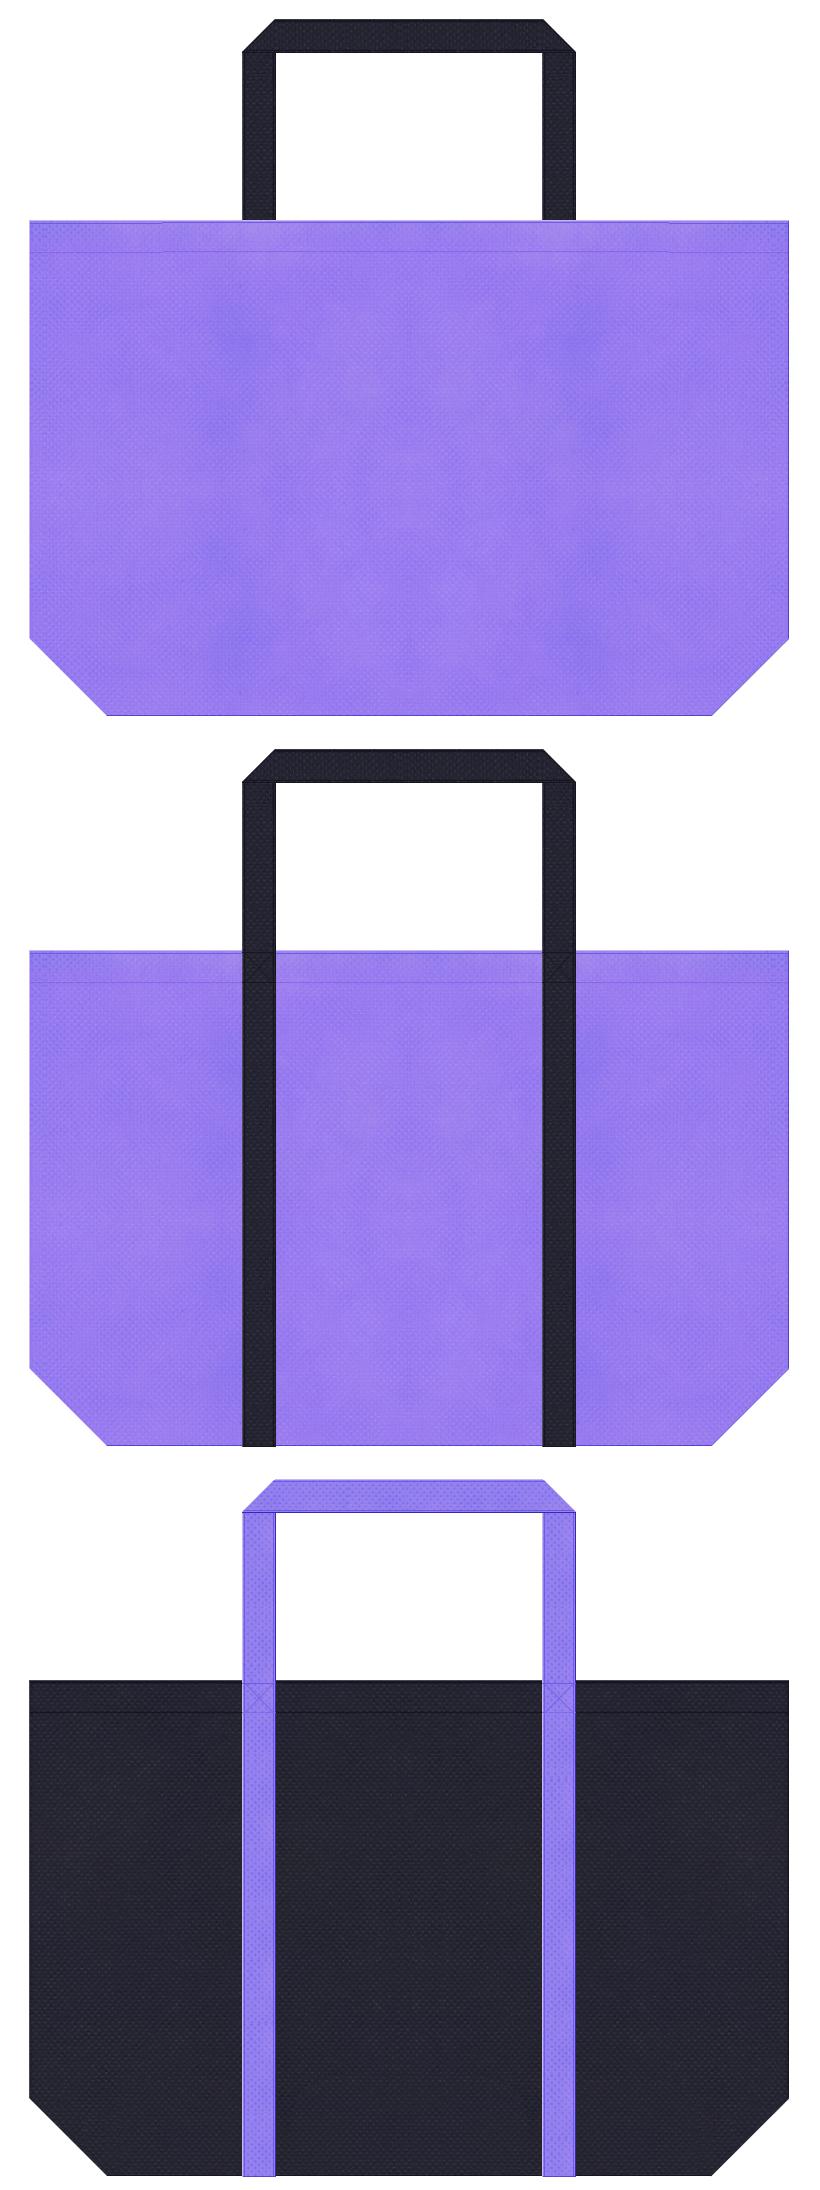 不織布ショッピングバッグ:薄紫色と濃紺色のデザイン